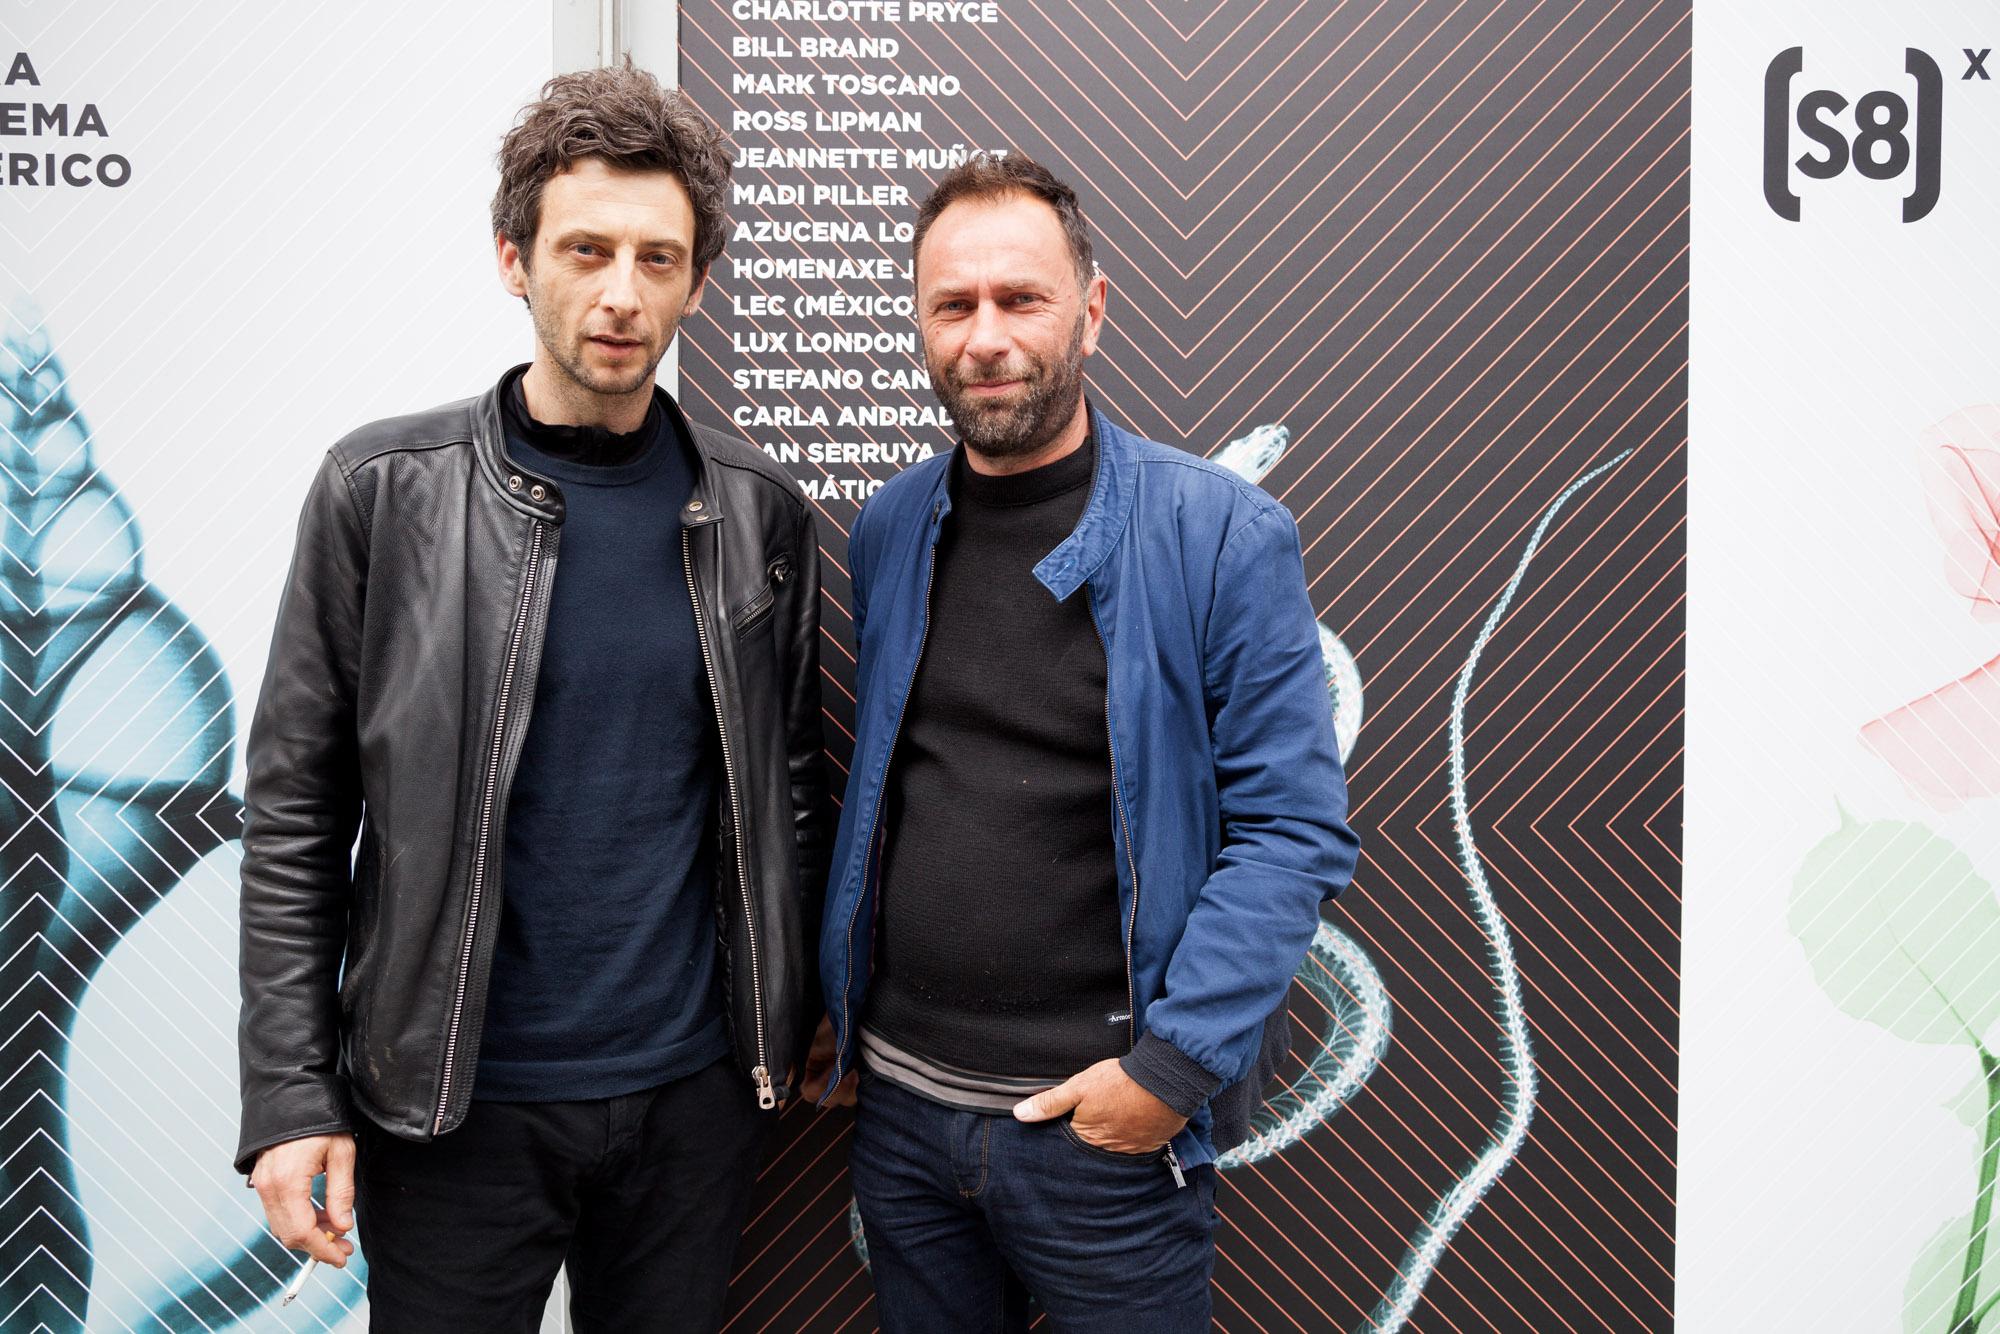 Stefano Canapa. Visualizing Sound